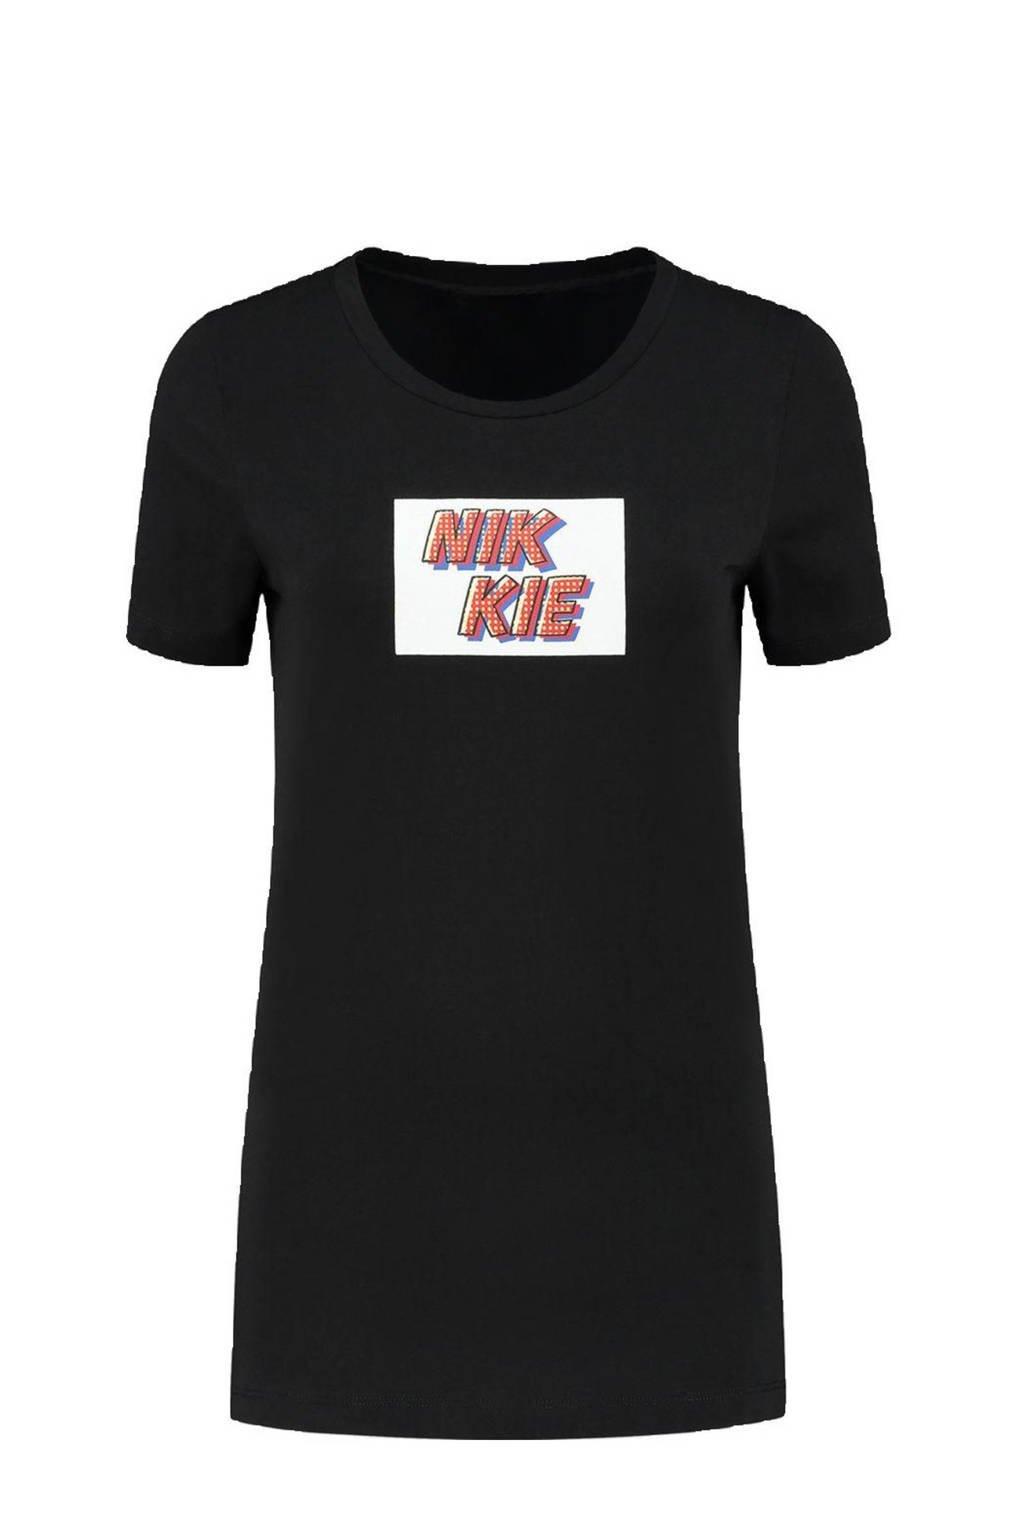 NIKKIE T-shirt Pop Art met tekst zwart, Zwart